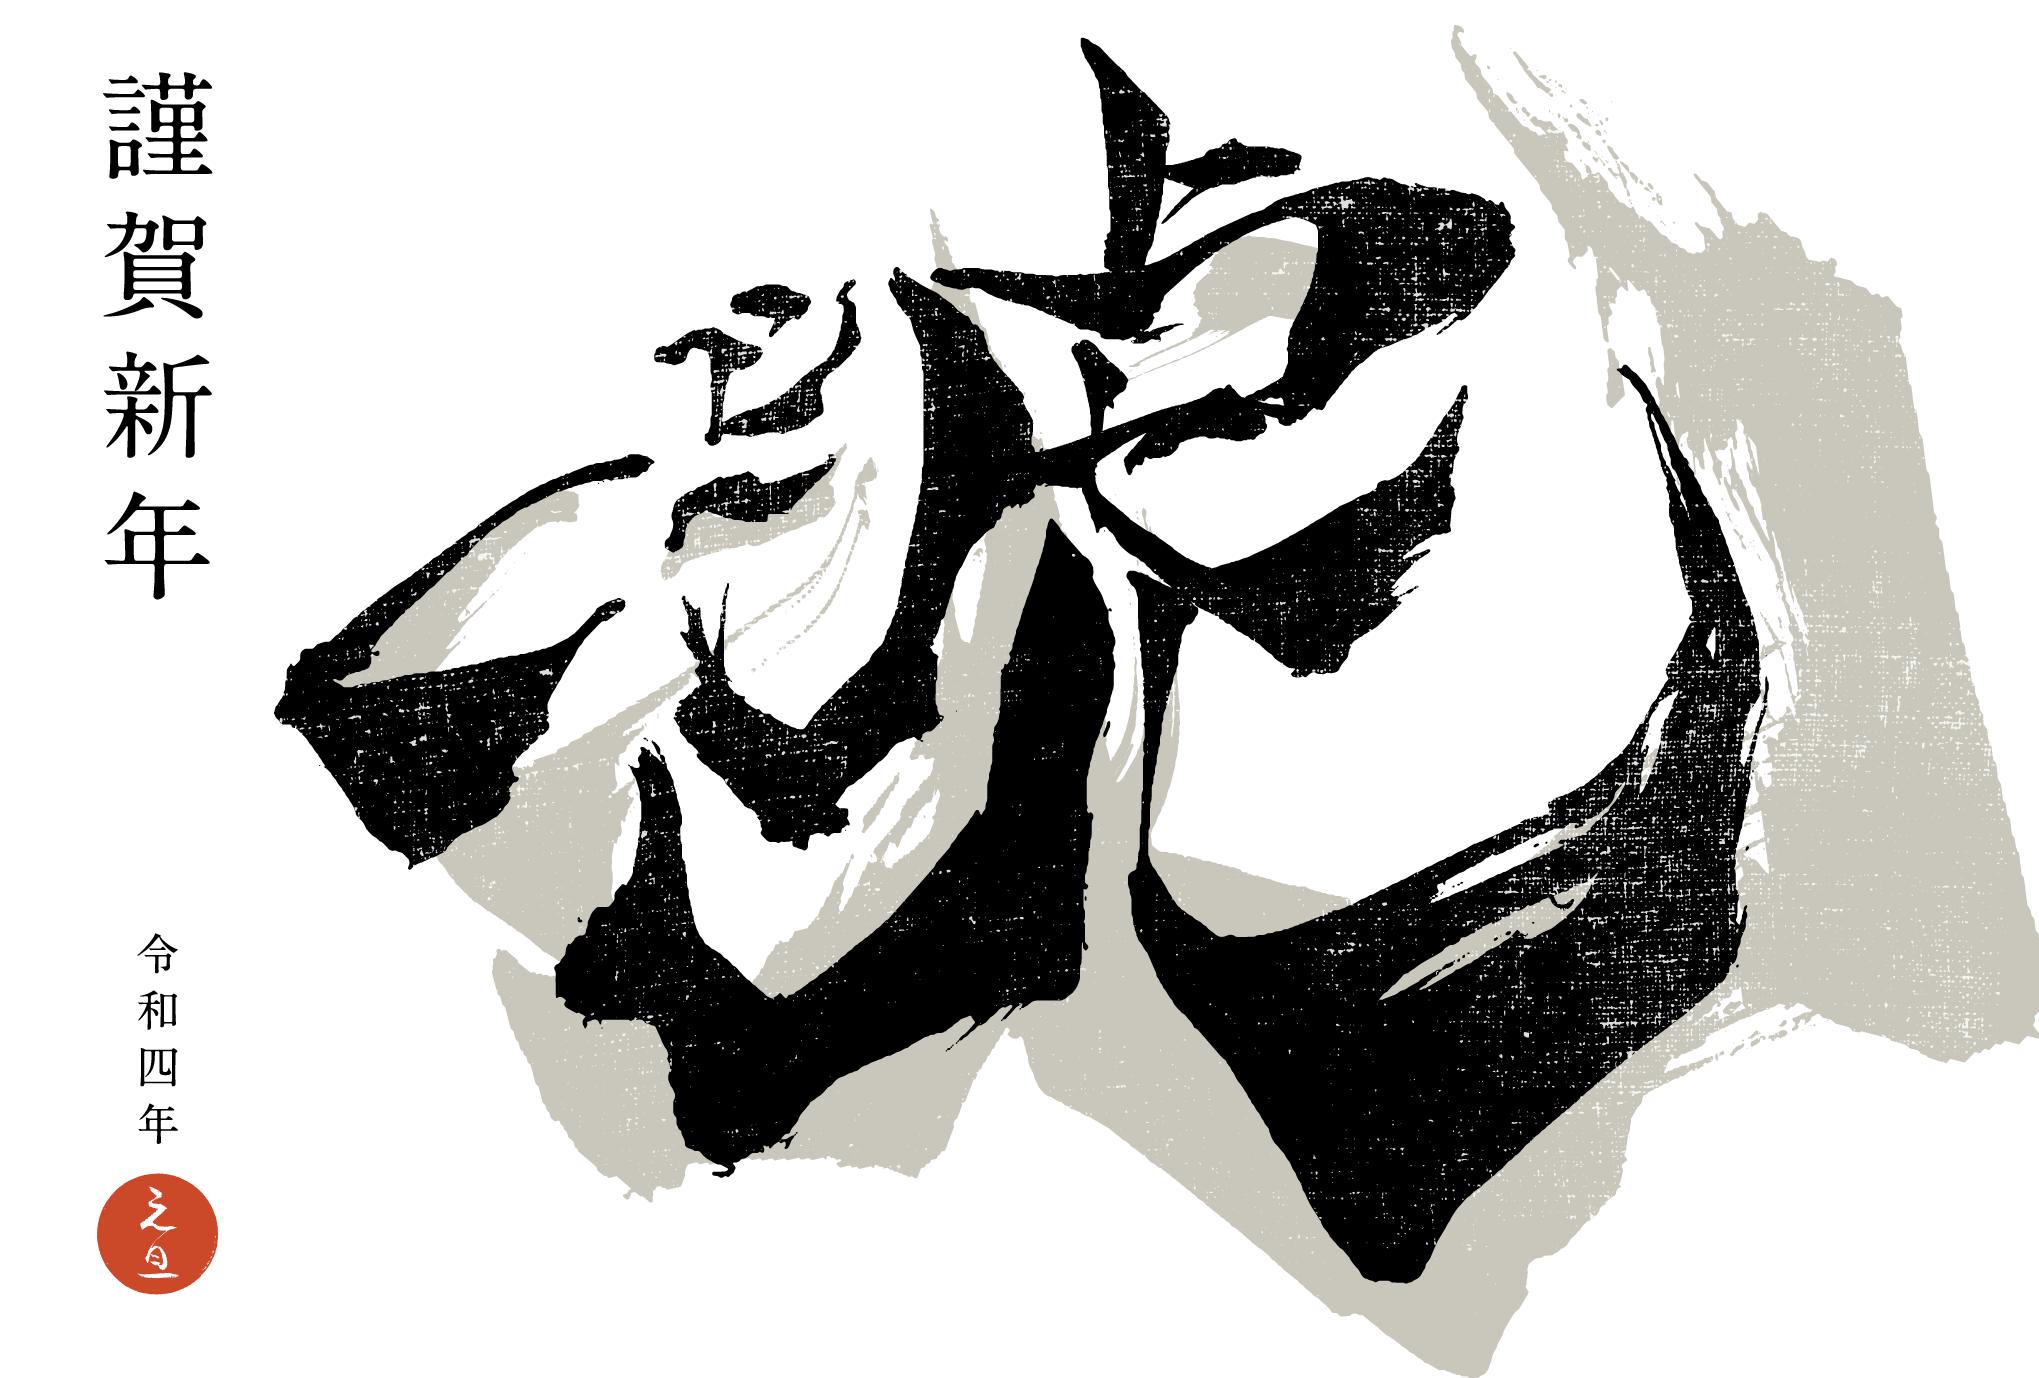 2022年賀状14-1:虎 Calligraphy / 虎頭B(謹賀新年)のダウンロード画像